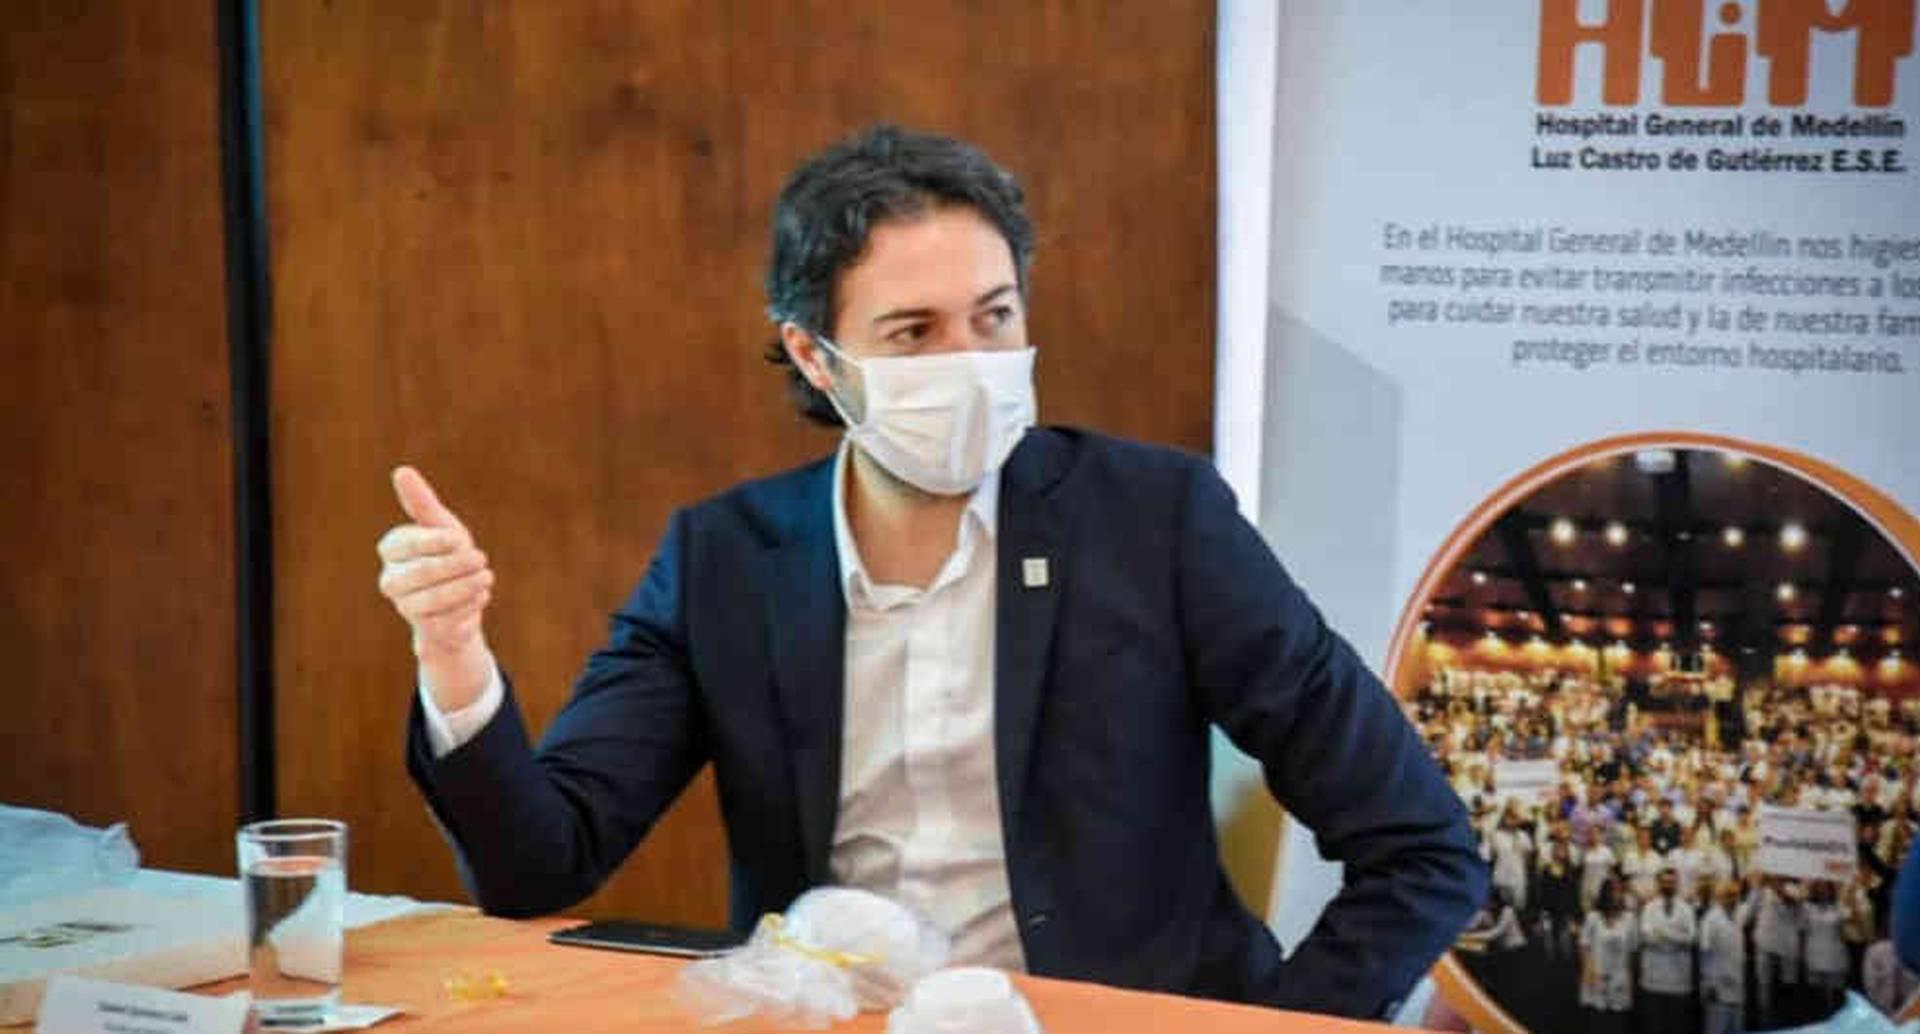 Daniel Quintero, Alcalde de Medellín, con 25% de desaprobación | Noticias hoy